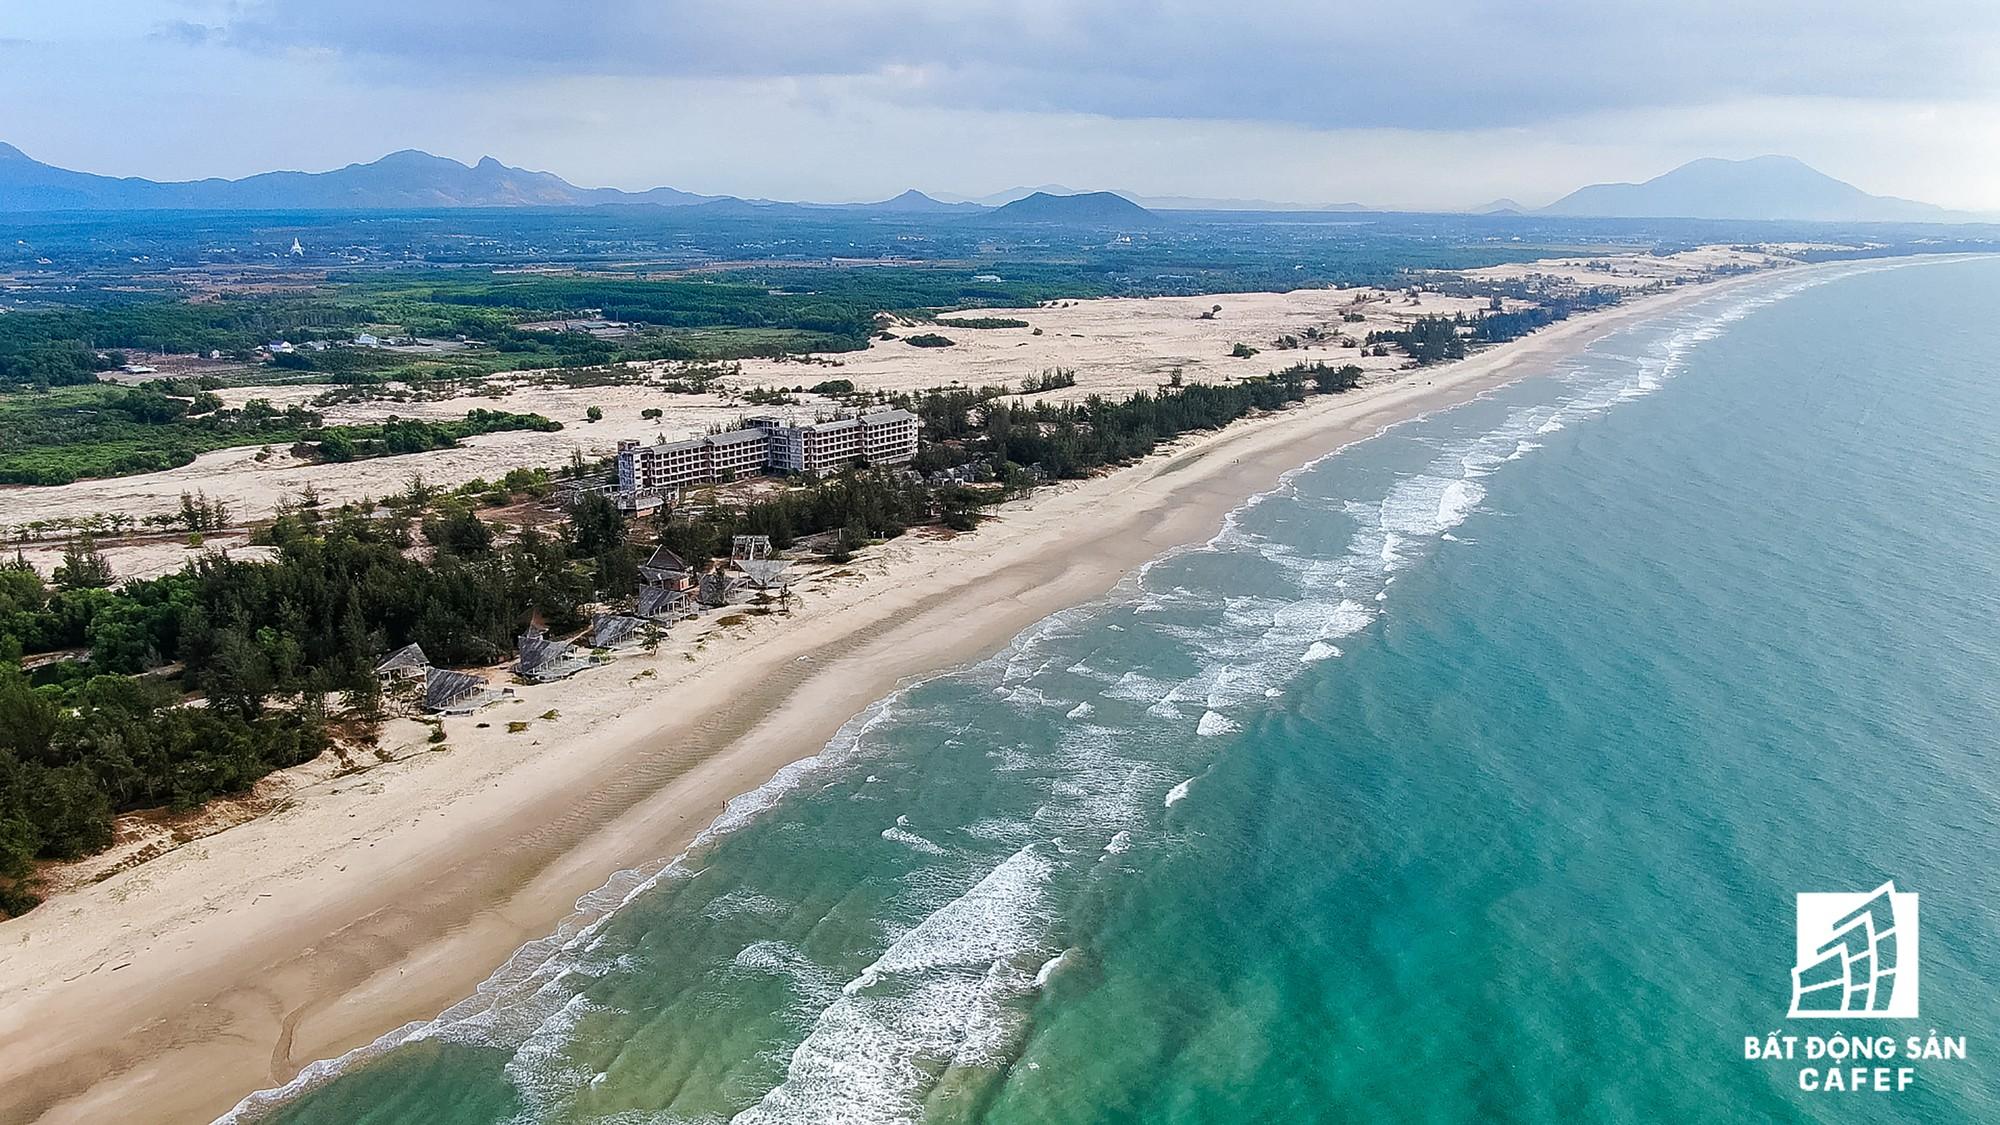 Quy hoạch thành khu du lịch quốc gia, dải ven biển này đang đón dòng vốn hàng tỷ USD, giá đất tăng chóng mặt - Ảnh 24.